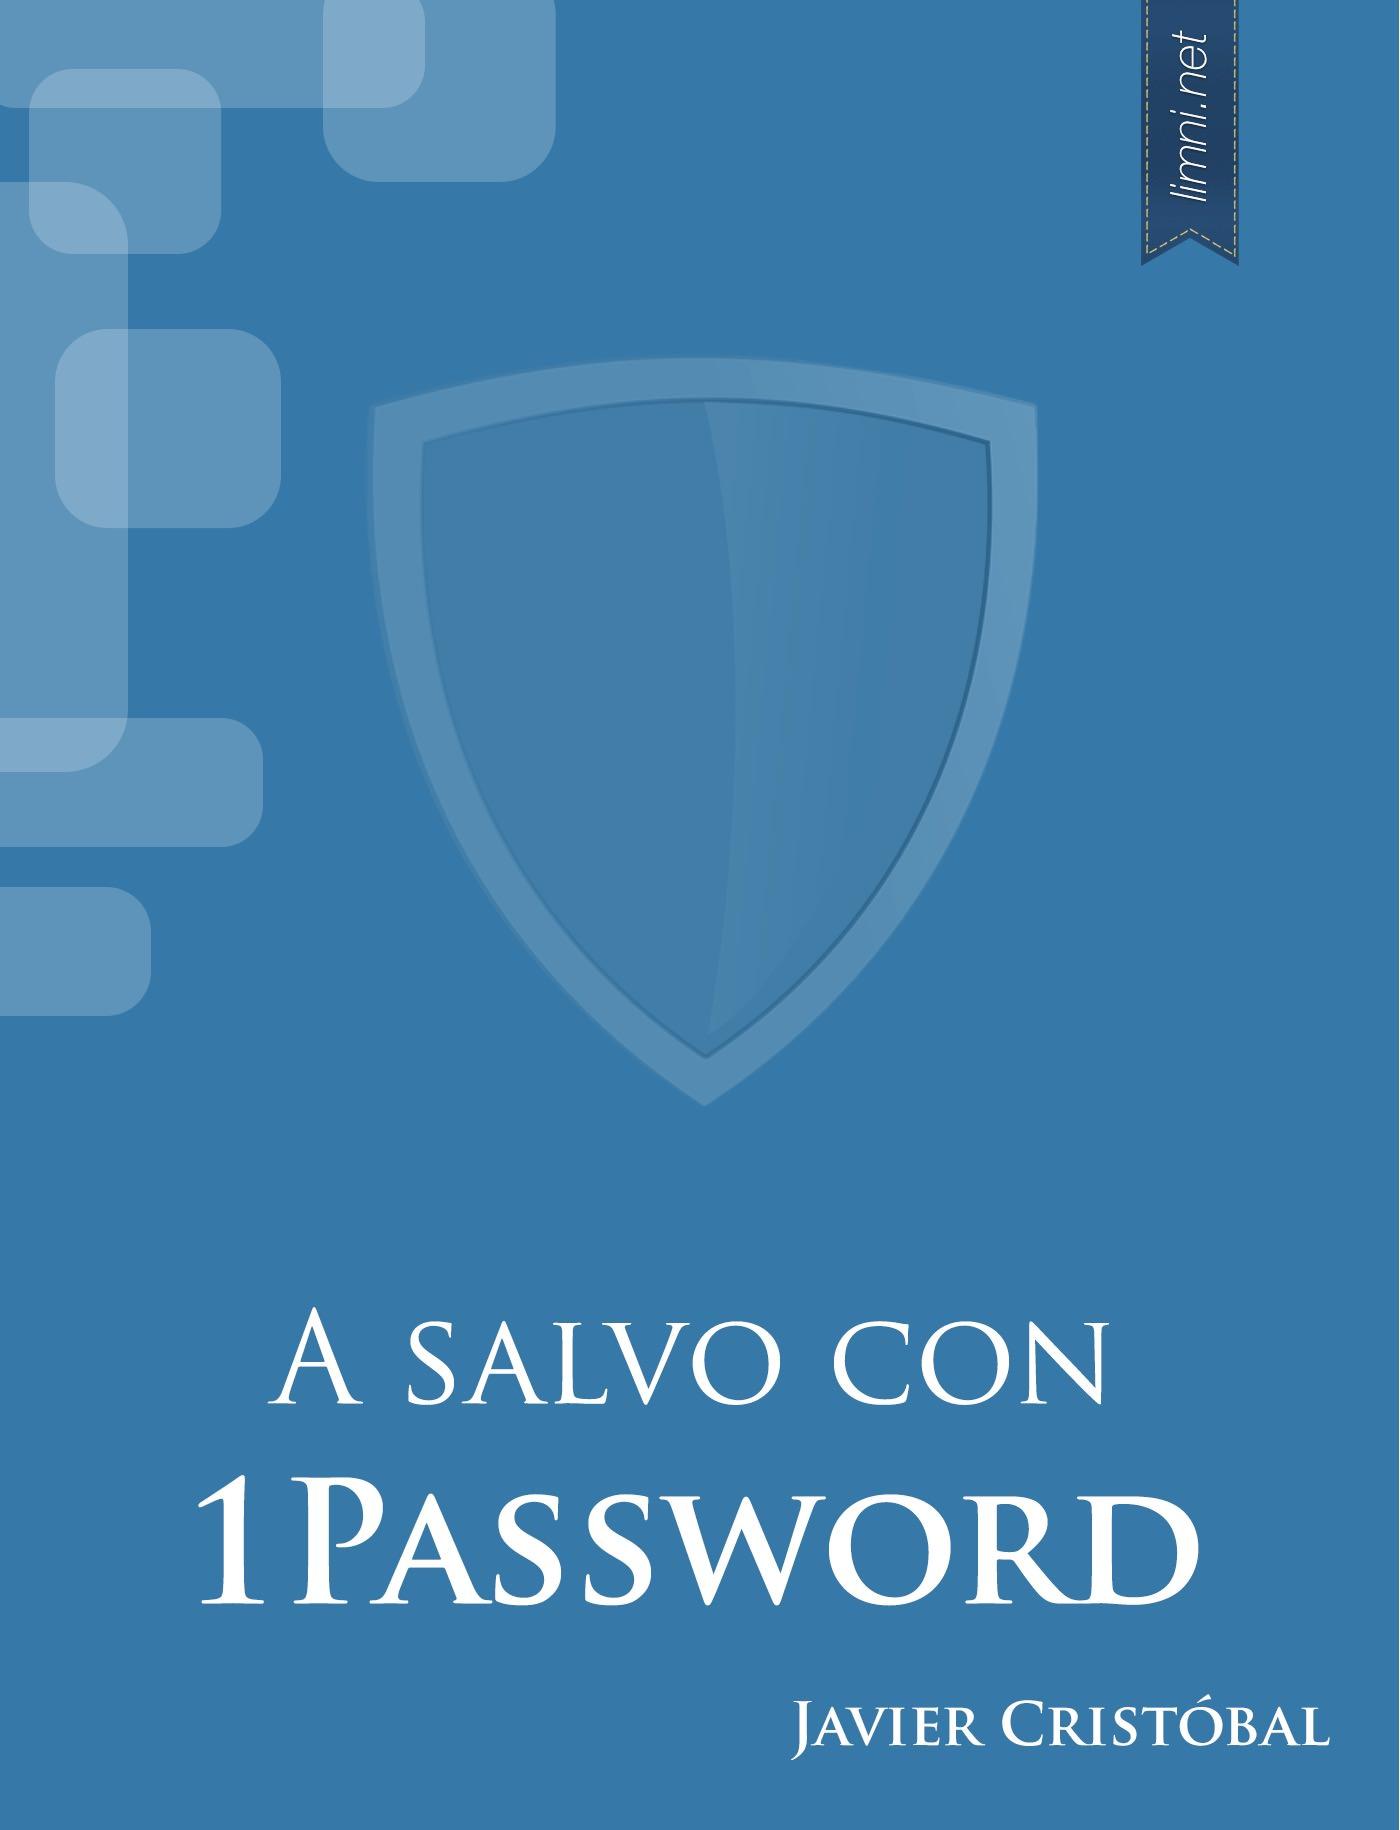 A salvo con 1Password cover